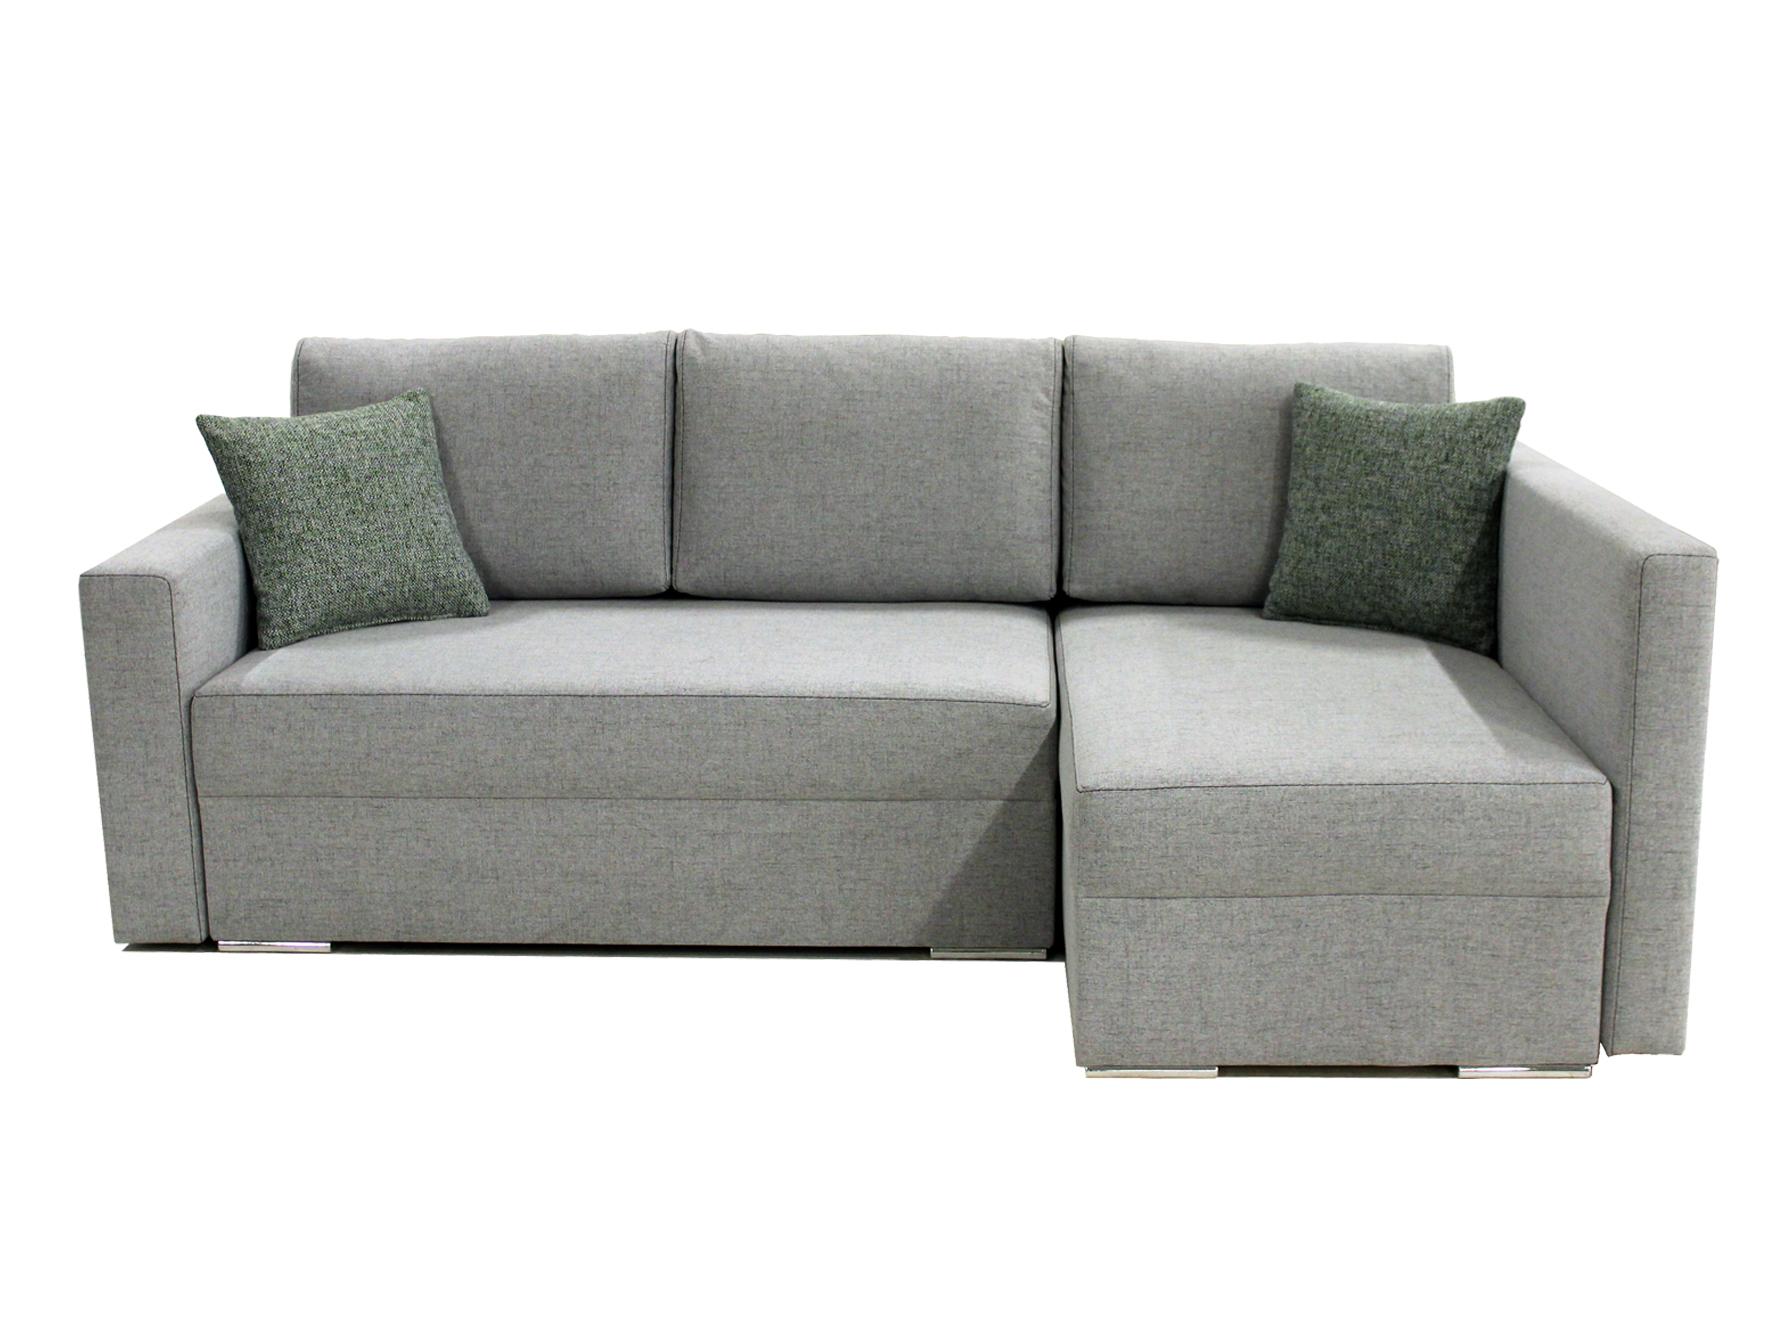 Rohová sedací souprava - BRW - Kris Lux 3DL URC (šedá) (P)